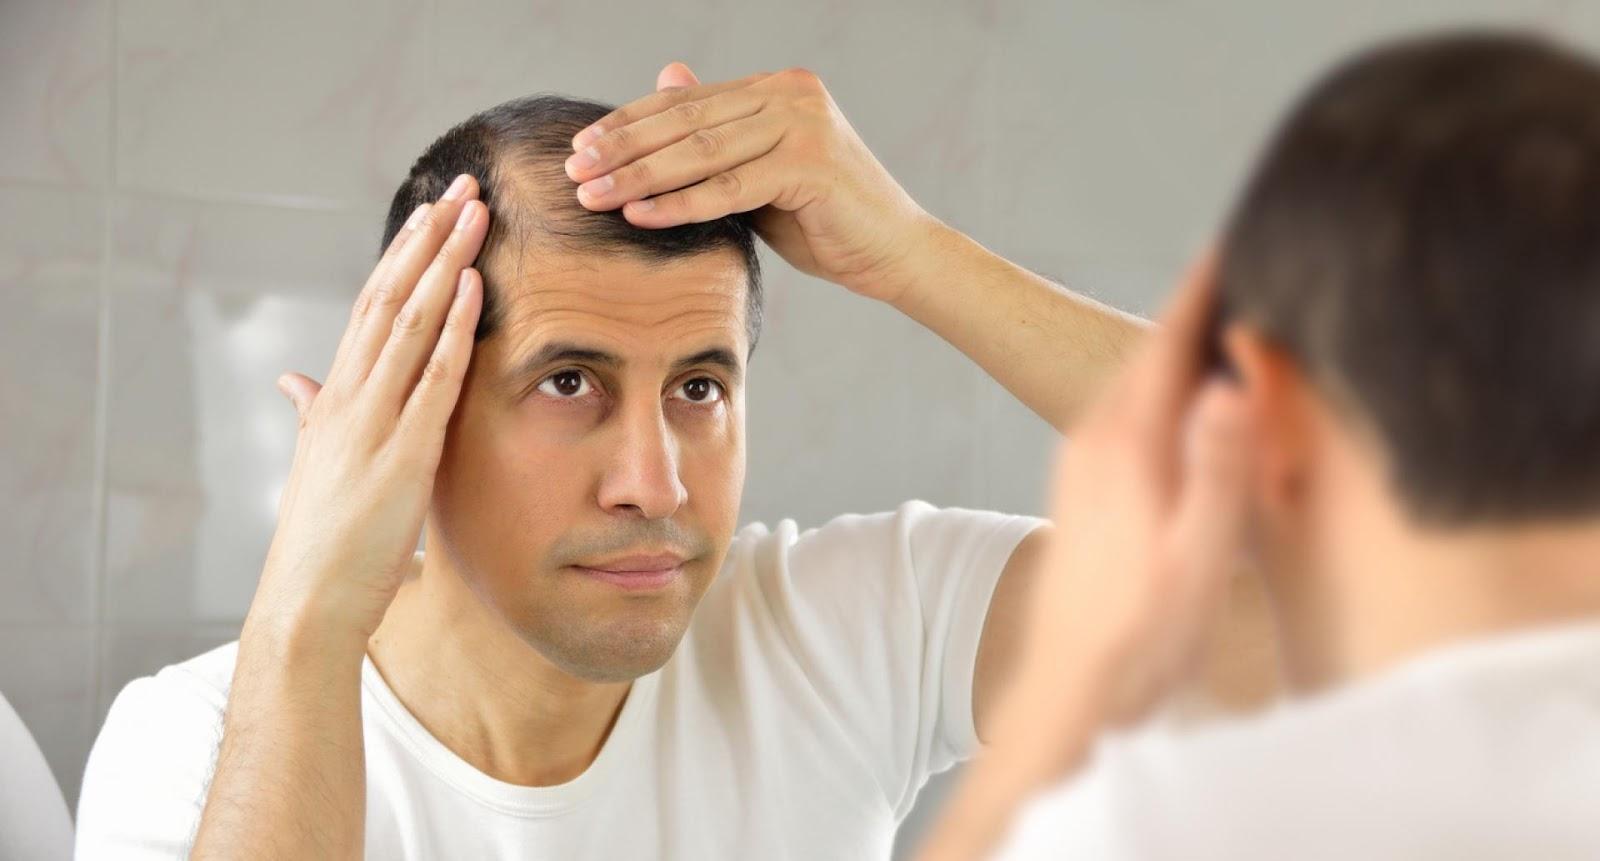 Trasplante capilar costa rica causas de la calvicie DHI